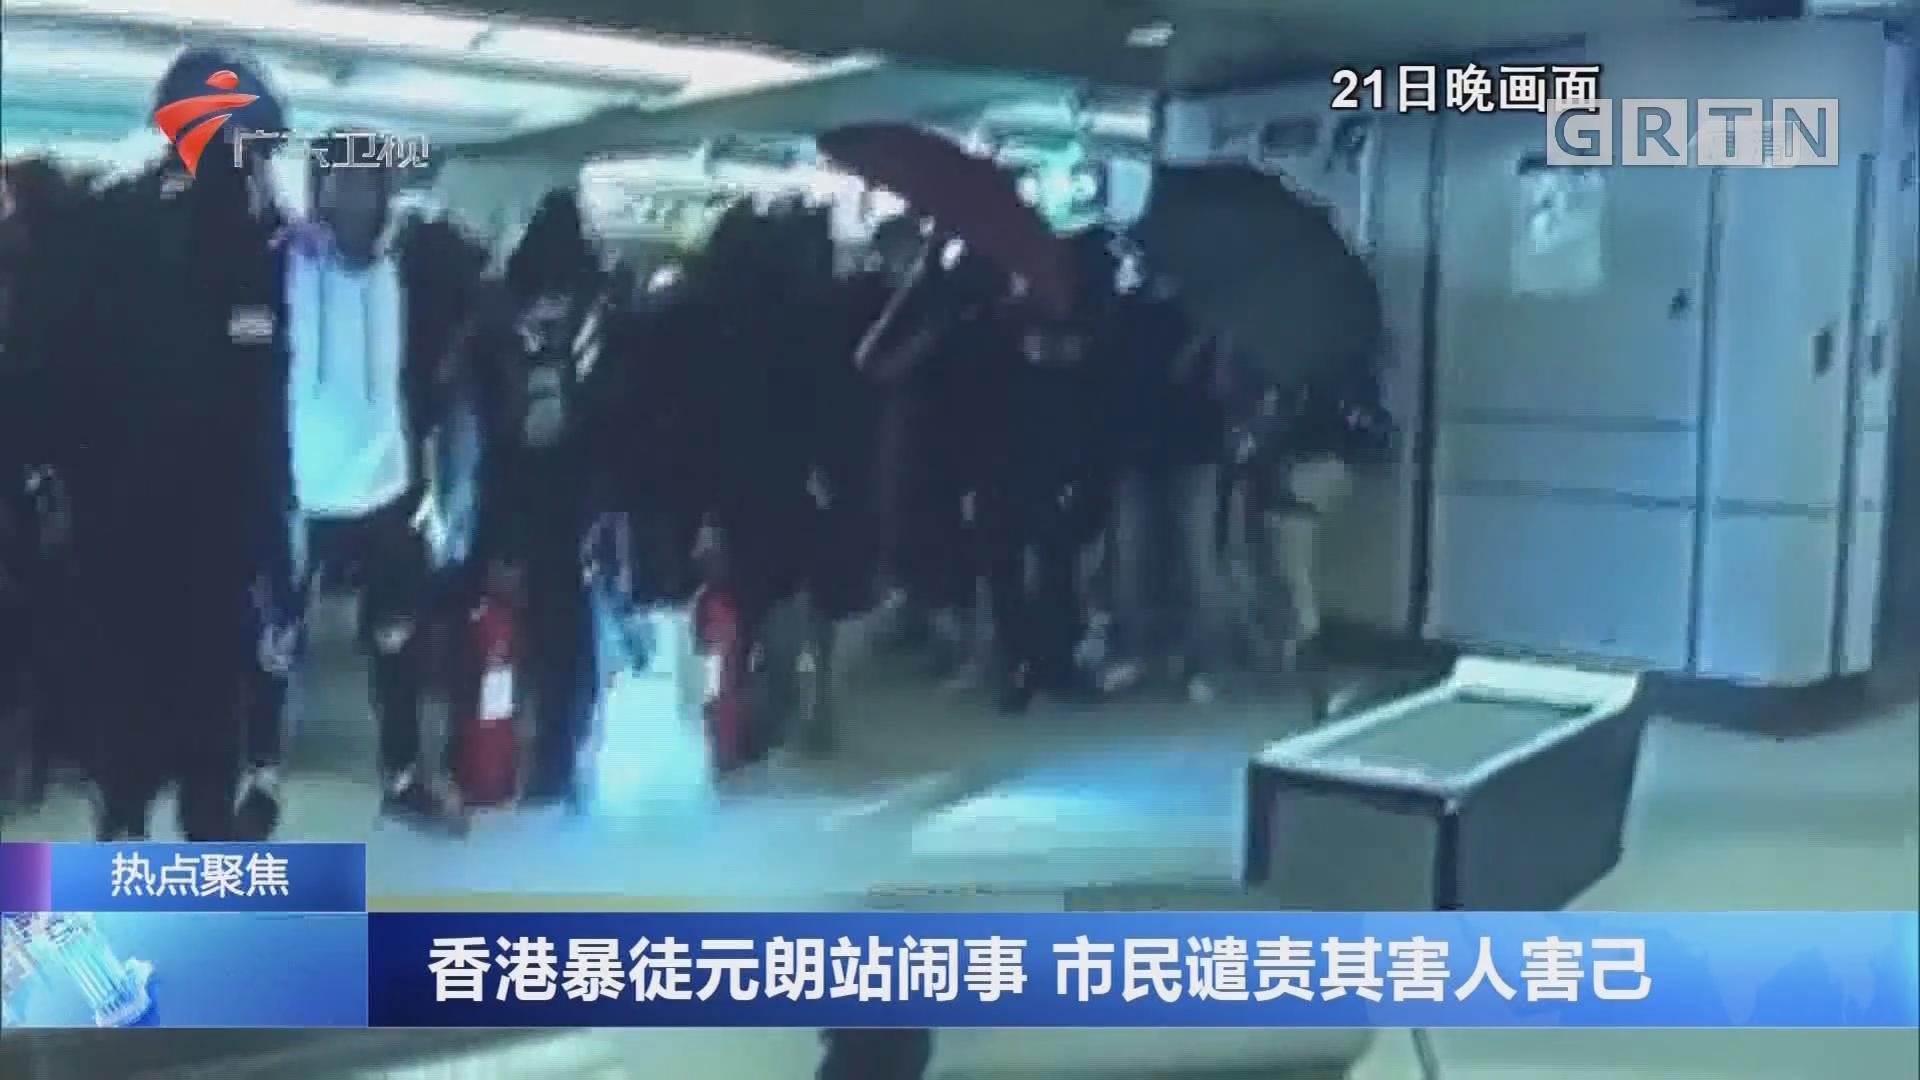 香港暴徒元朗站闹事 市民谴责其害人害己